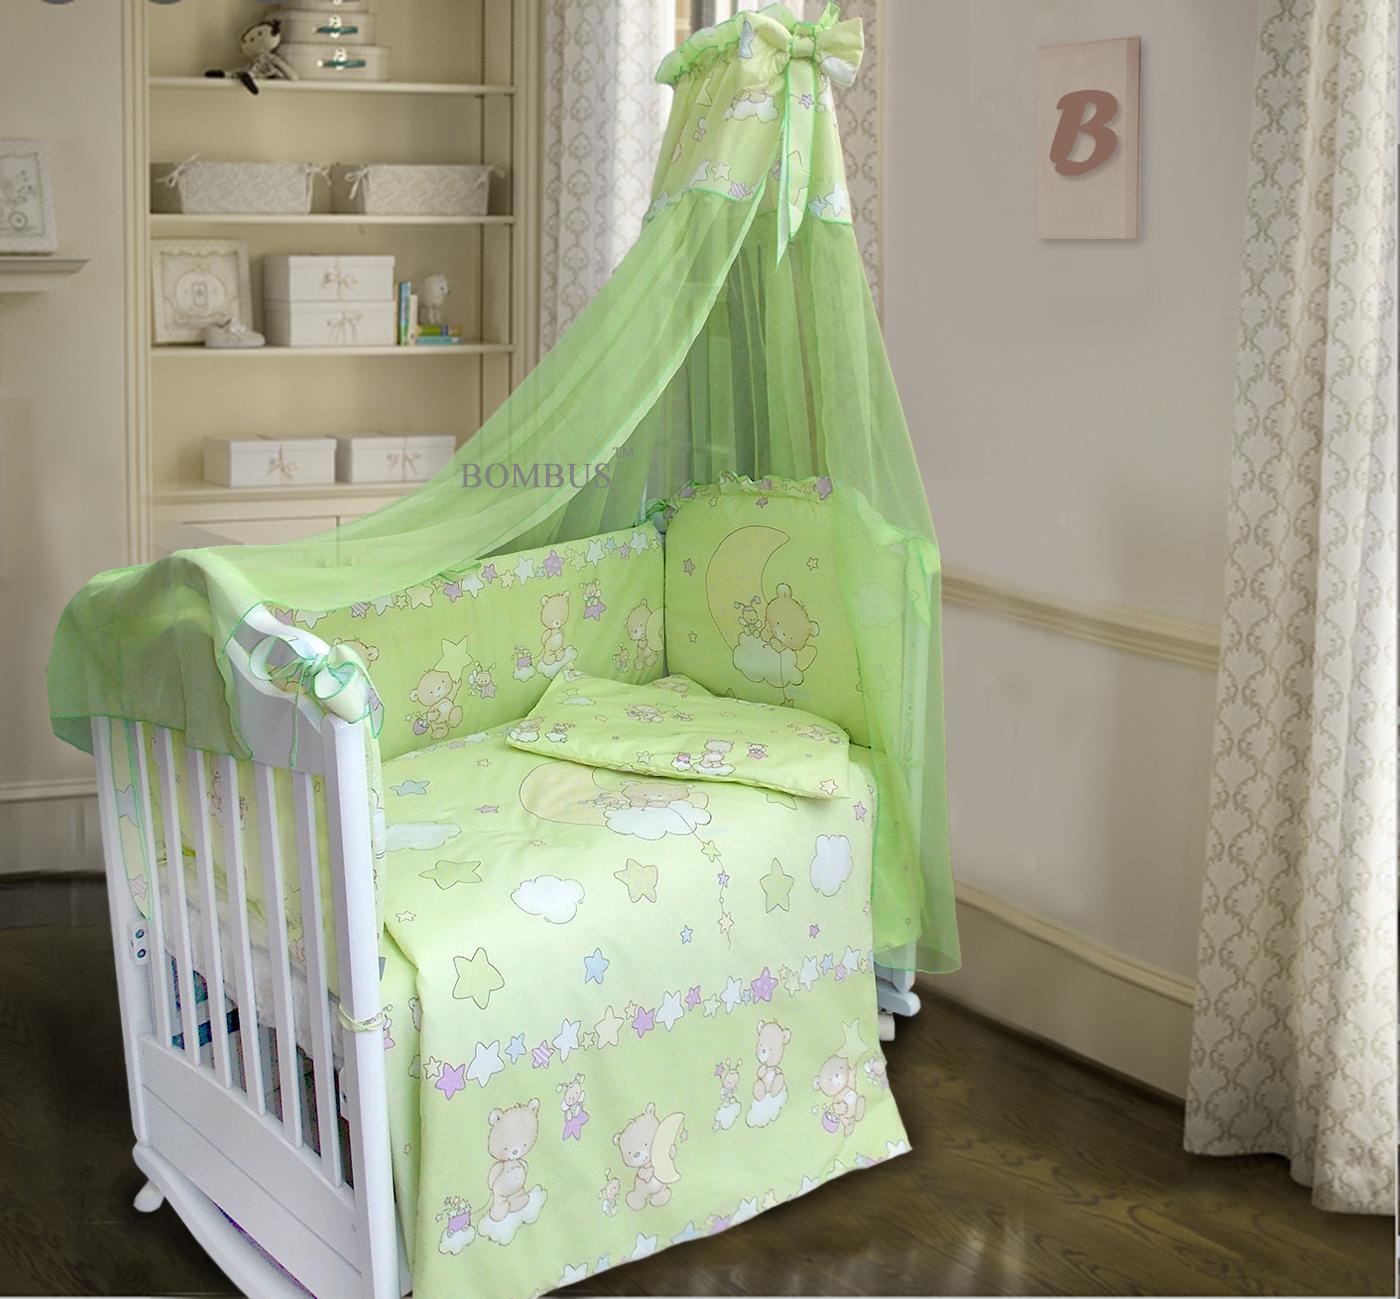 Купить Бампер в кроватку - Павлуша, зеленый, Bombus